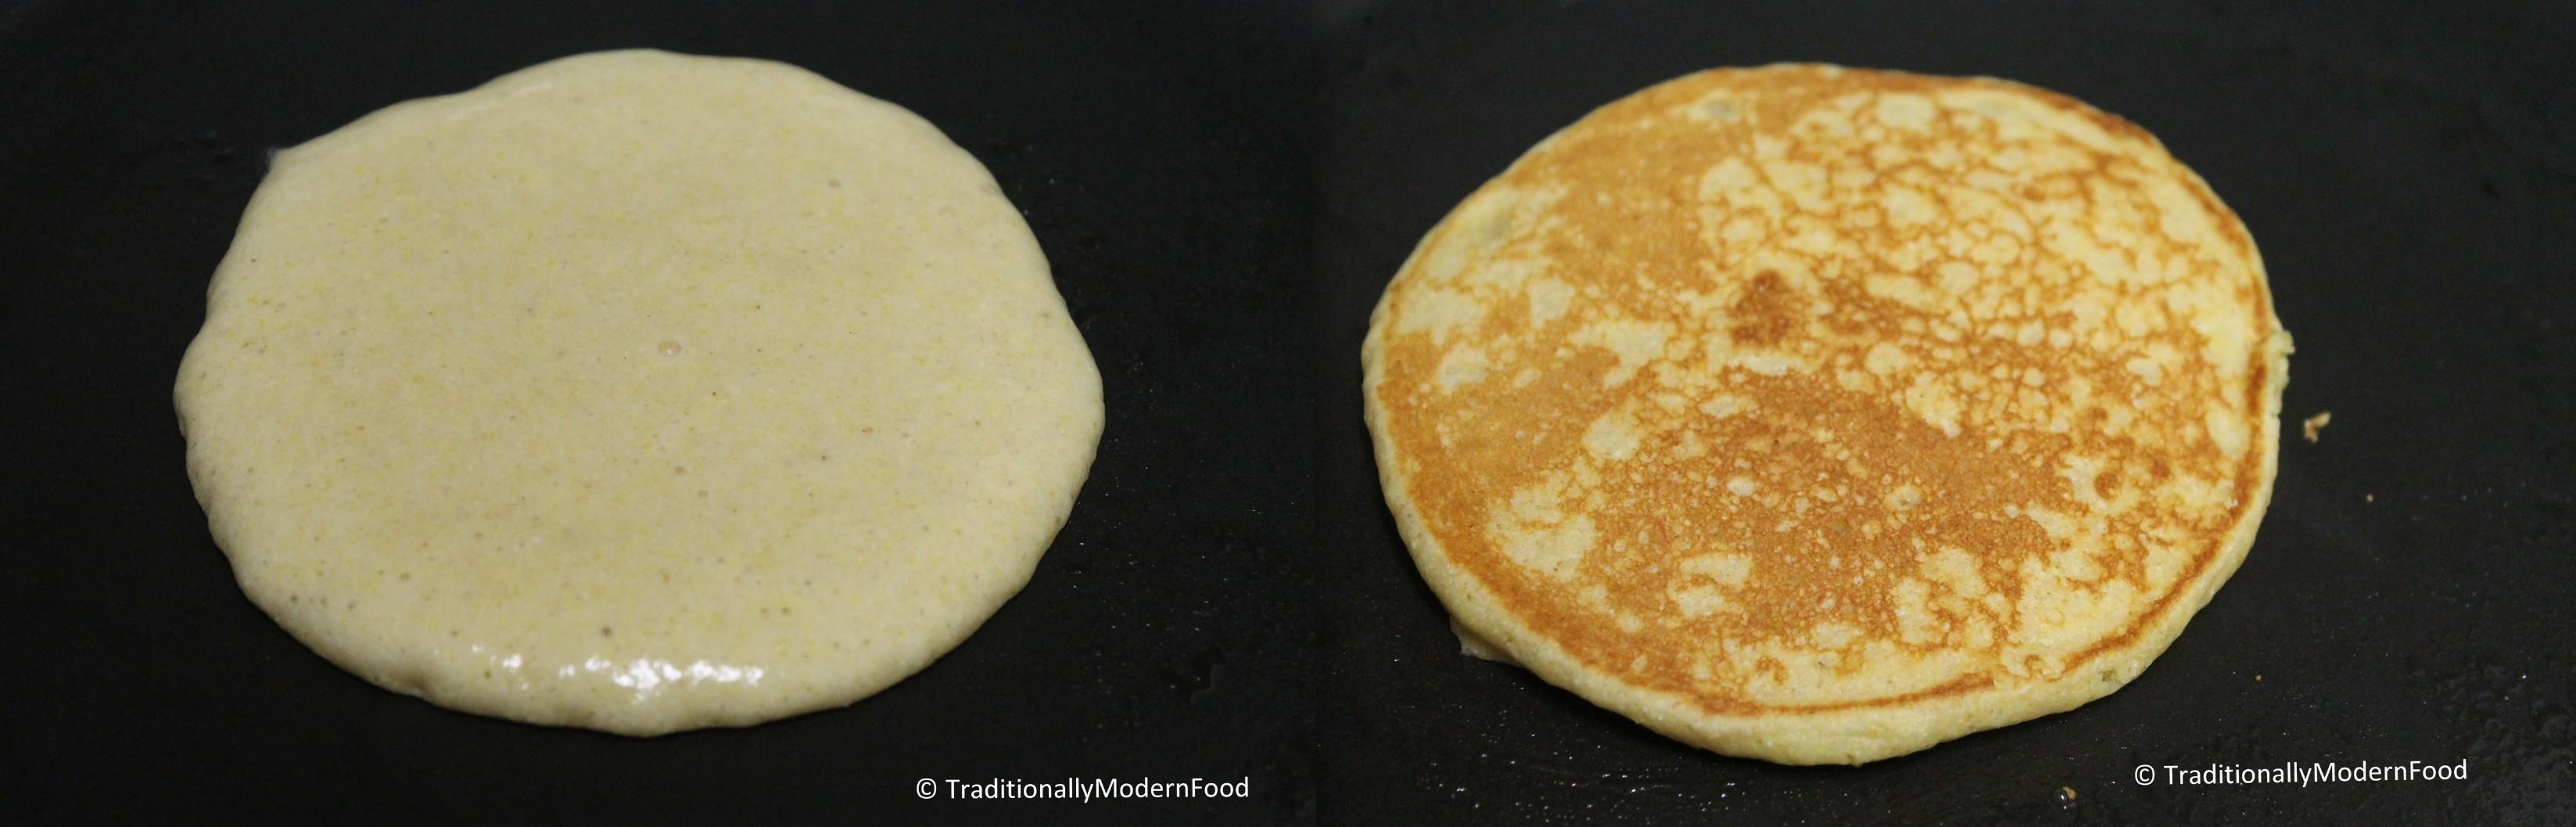 corn meal pancake3